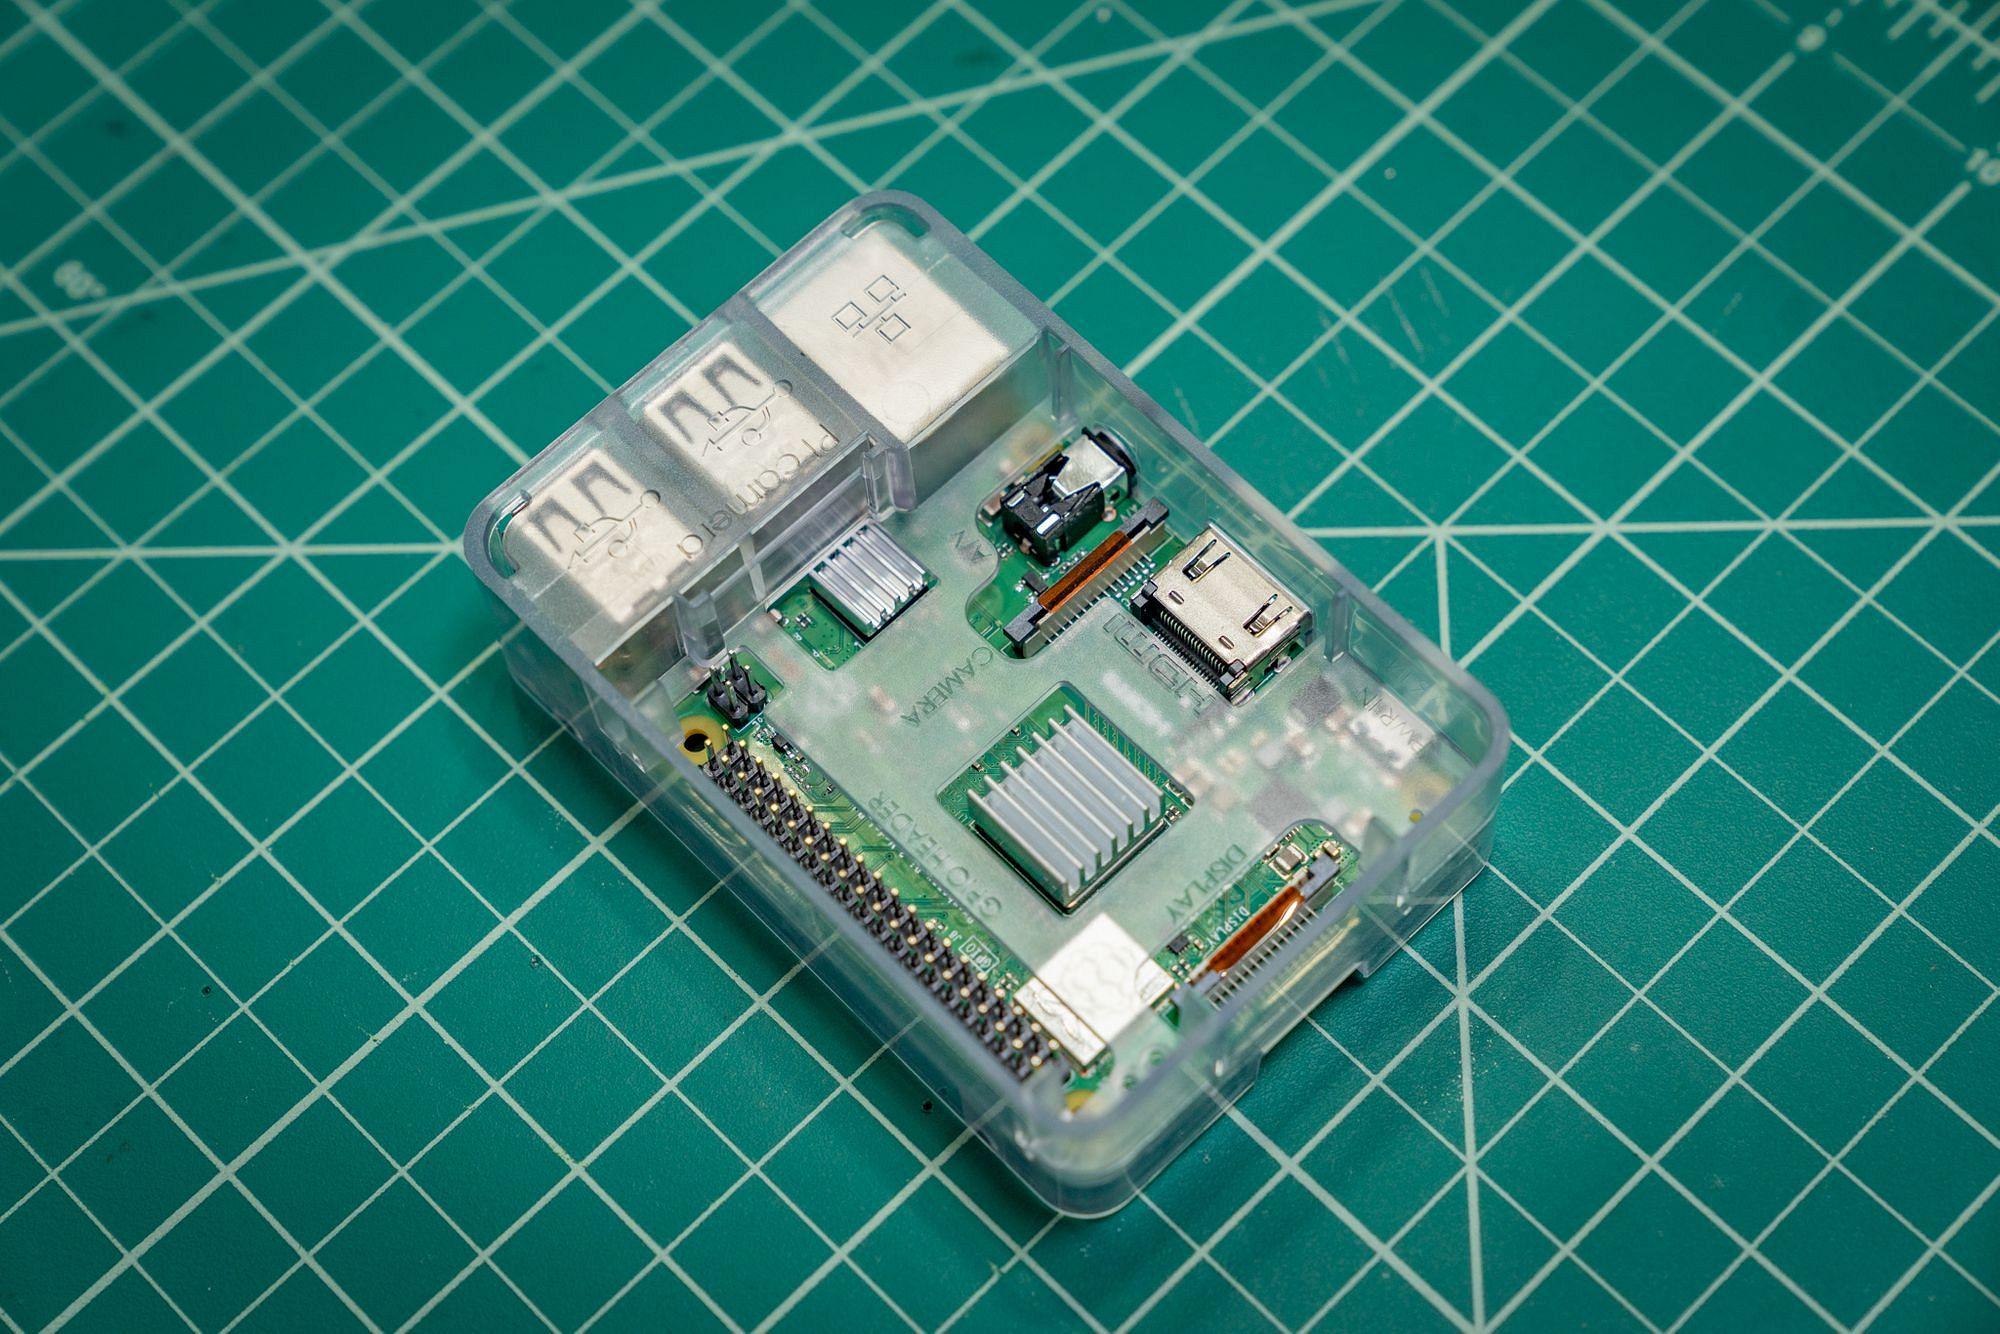 Raspberry Pi 3 Assembled